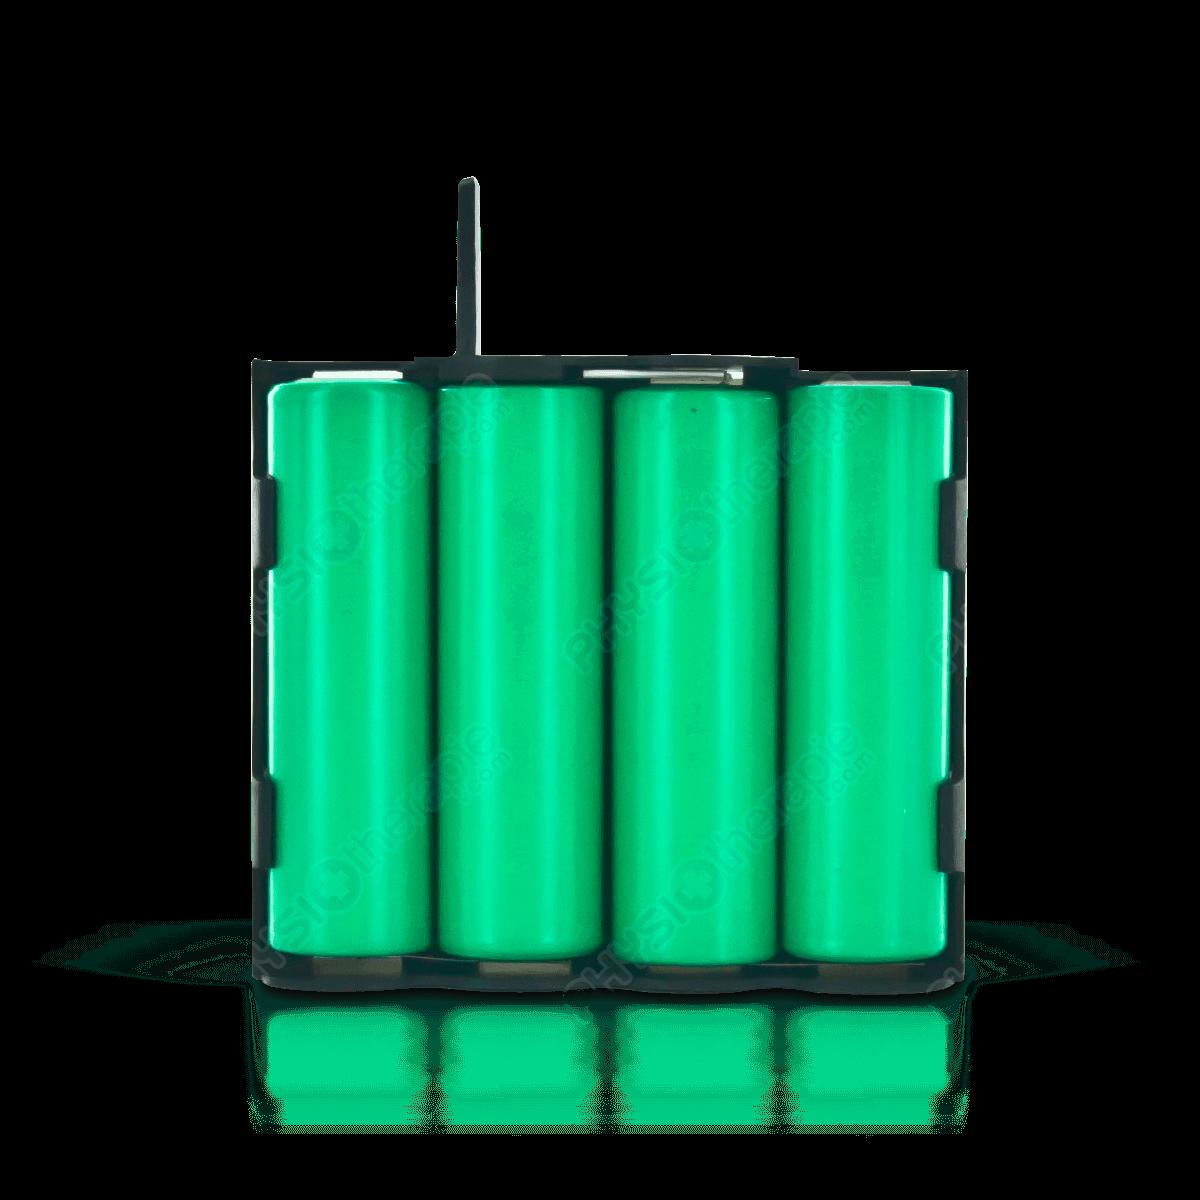 Batterie 4 cellules 941213